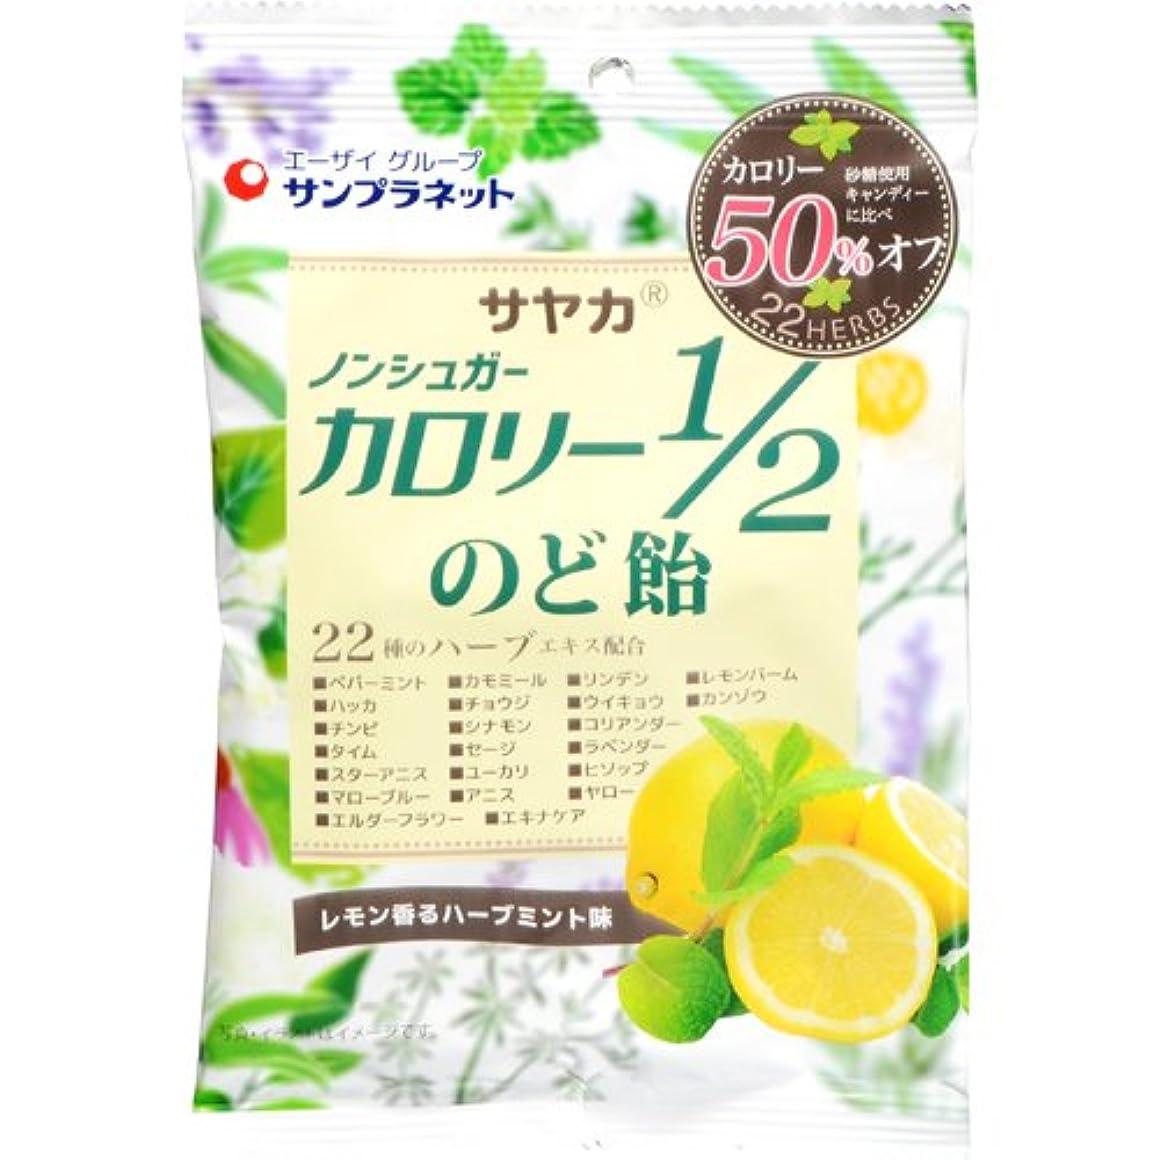 吸う肝各サンプラネット サヤカ ノンシュガー カロリー1/2 のど飴 55g